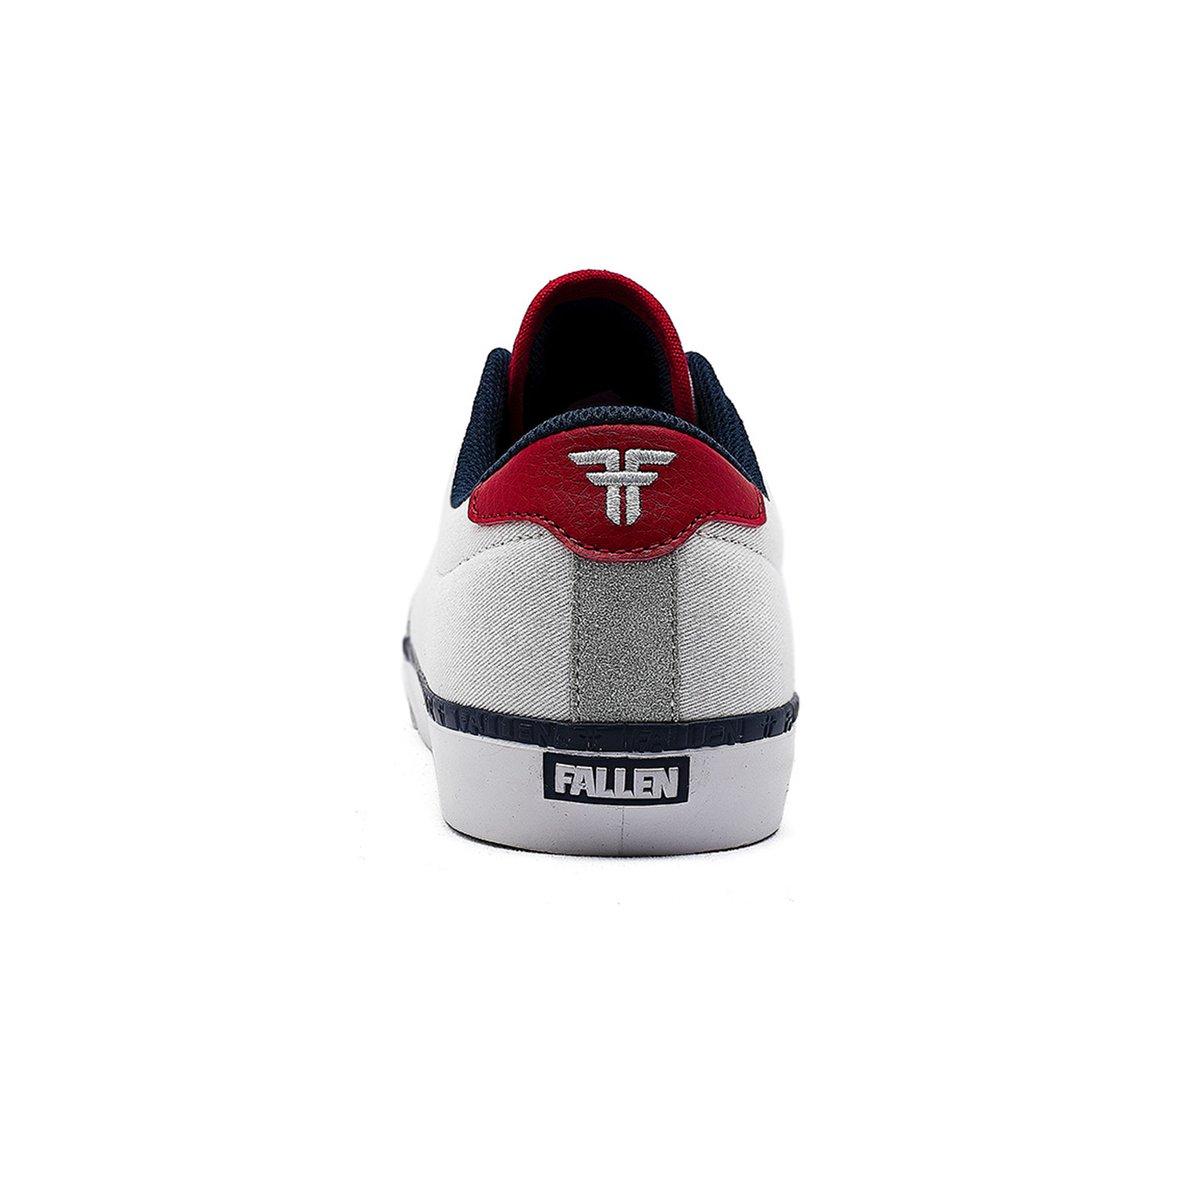 fallen bomber sneakers heel